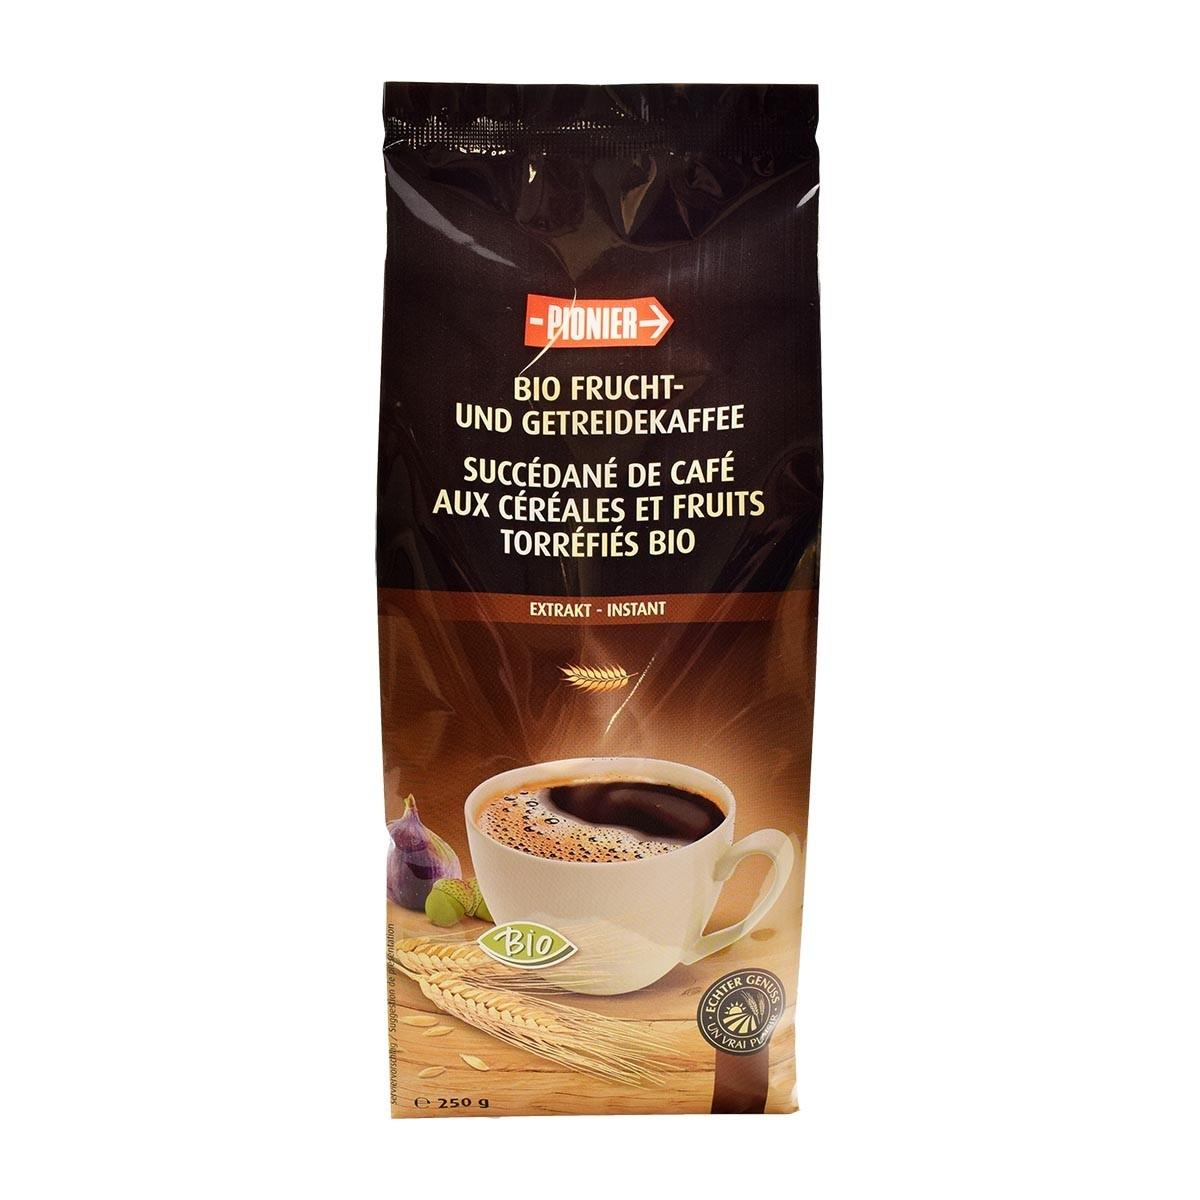 Recharge Succédané de café soluble  (aux céréales, fruits et chicorée ) 250g Bio - Pionier